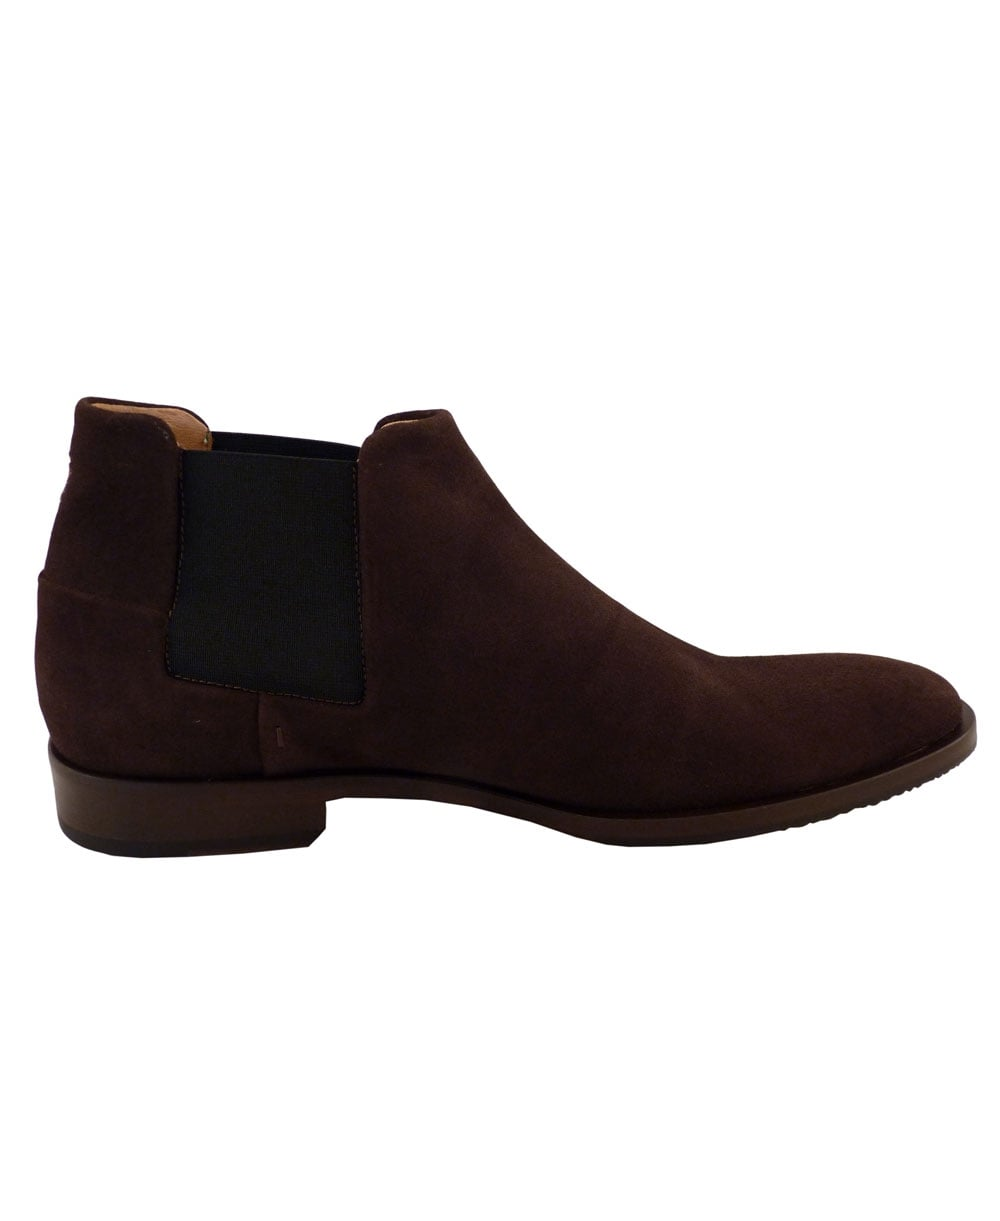 venarotta brown suede chelsea boot